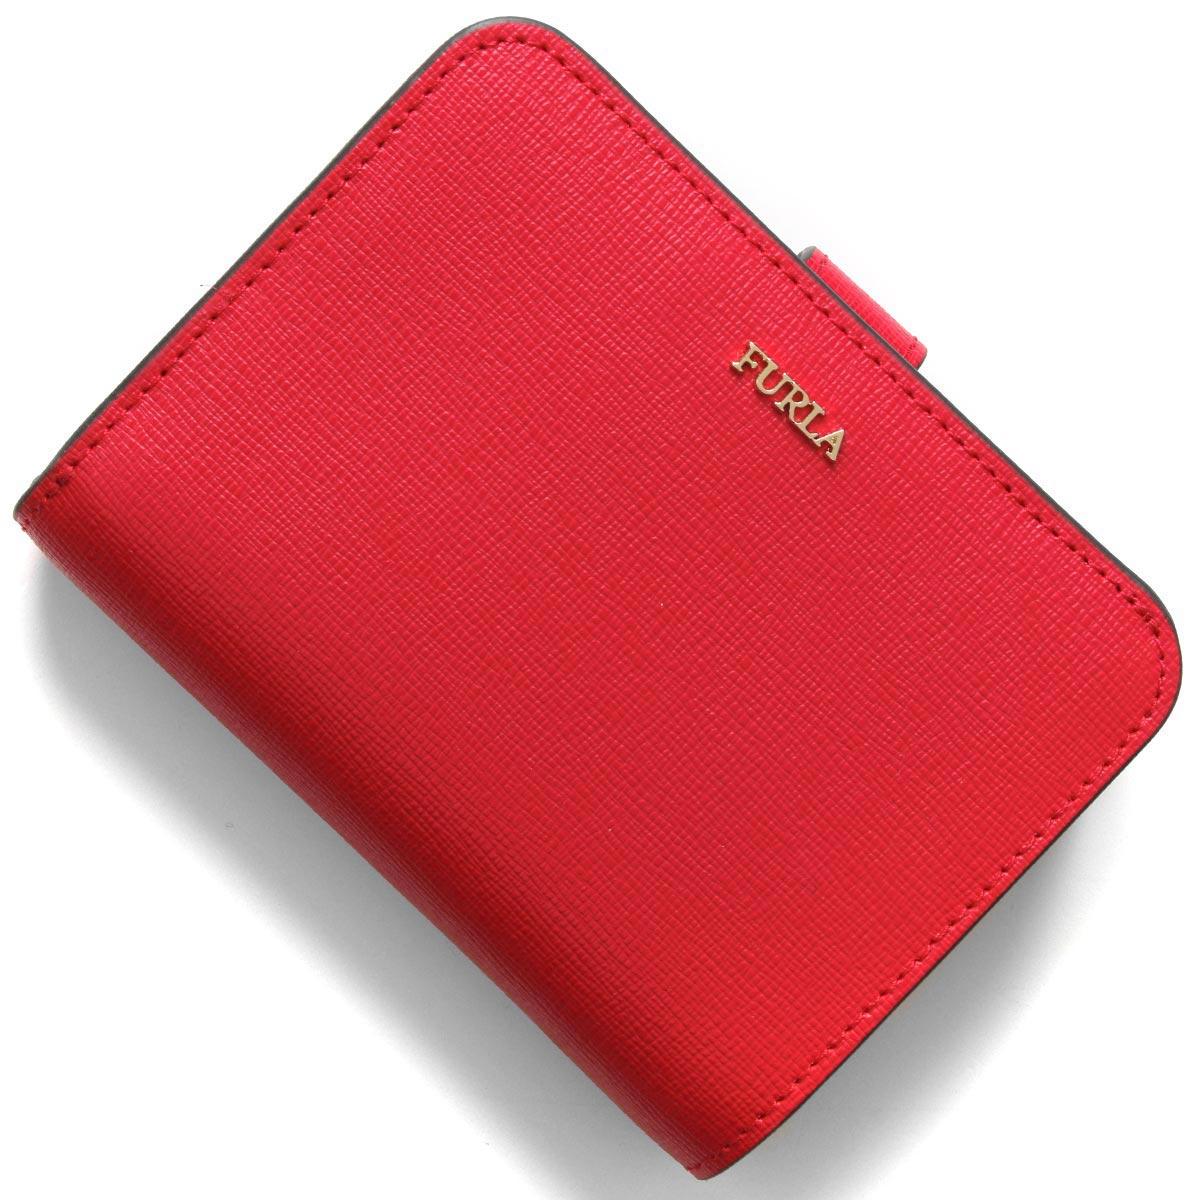 フルラ 二つ折り財布 財布 レディース バビロン スモール フラーゴラレッド PBF8 B30 TJ9 1046240 FURLA